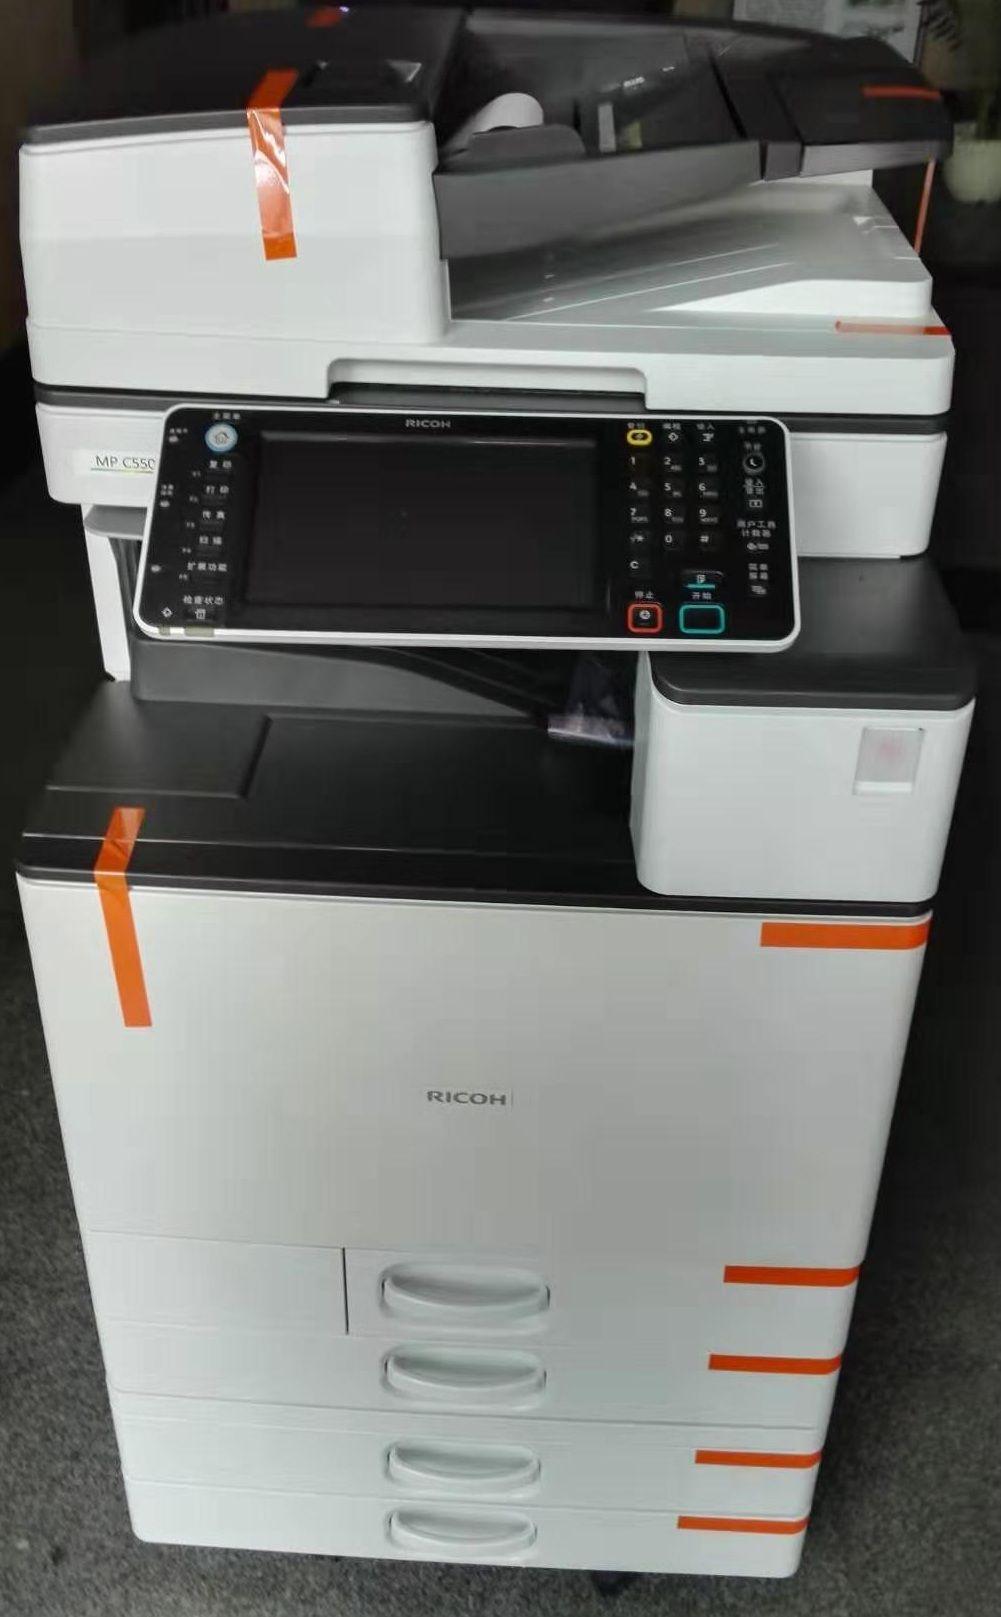 彩色打印机 5503理光复印机